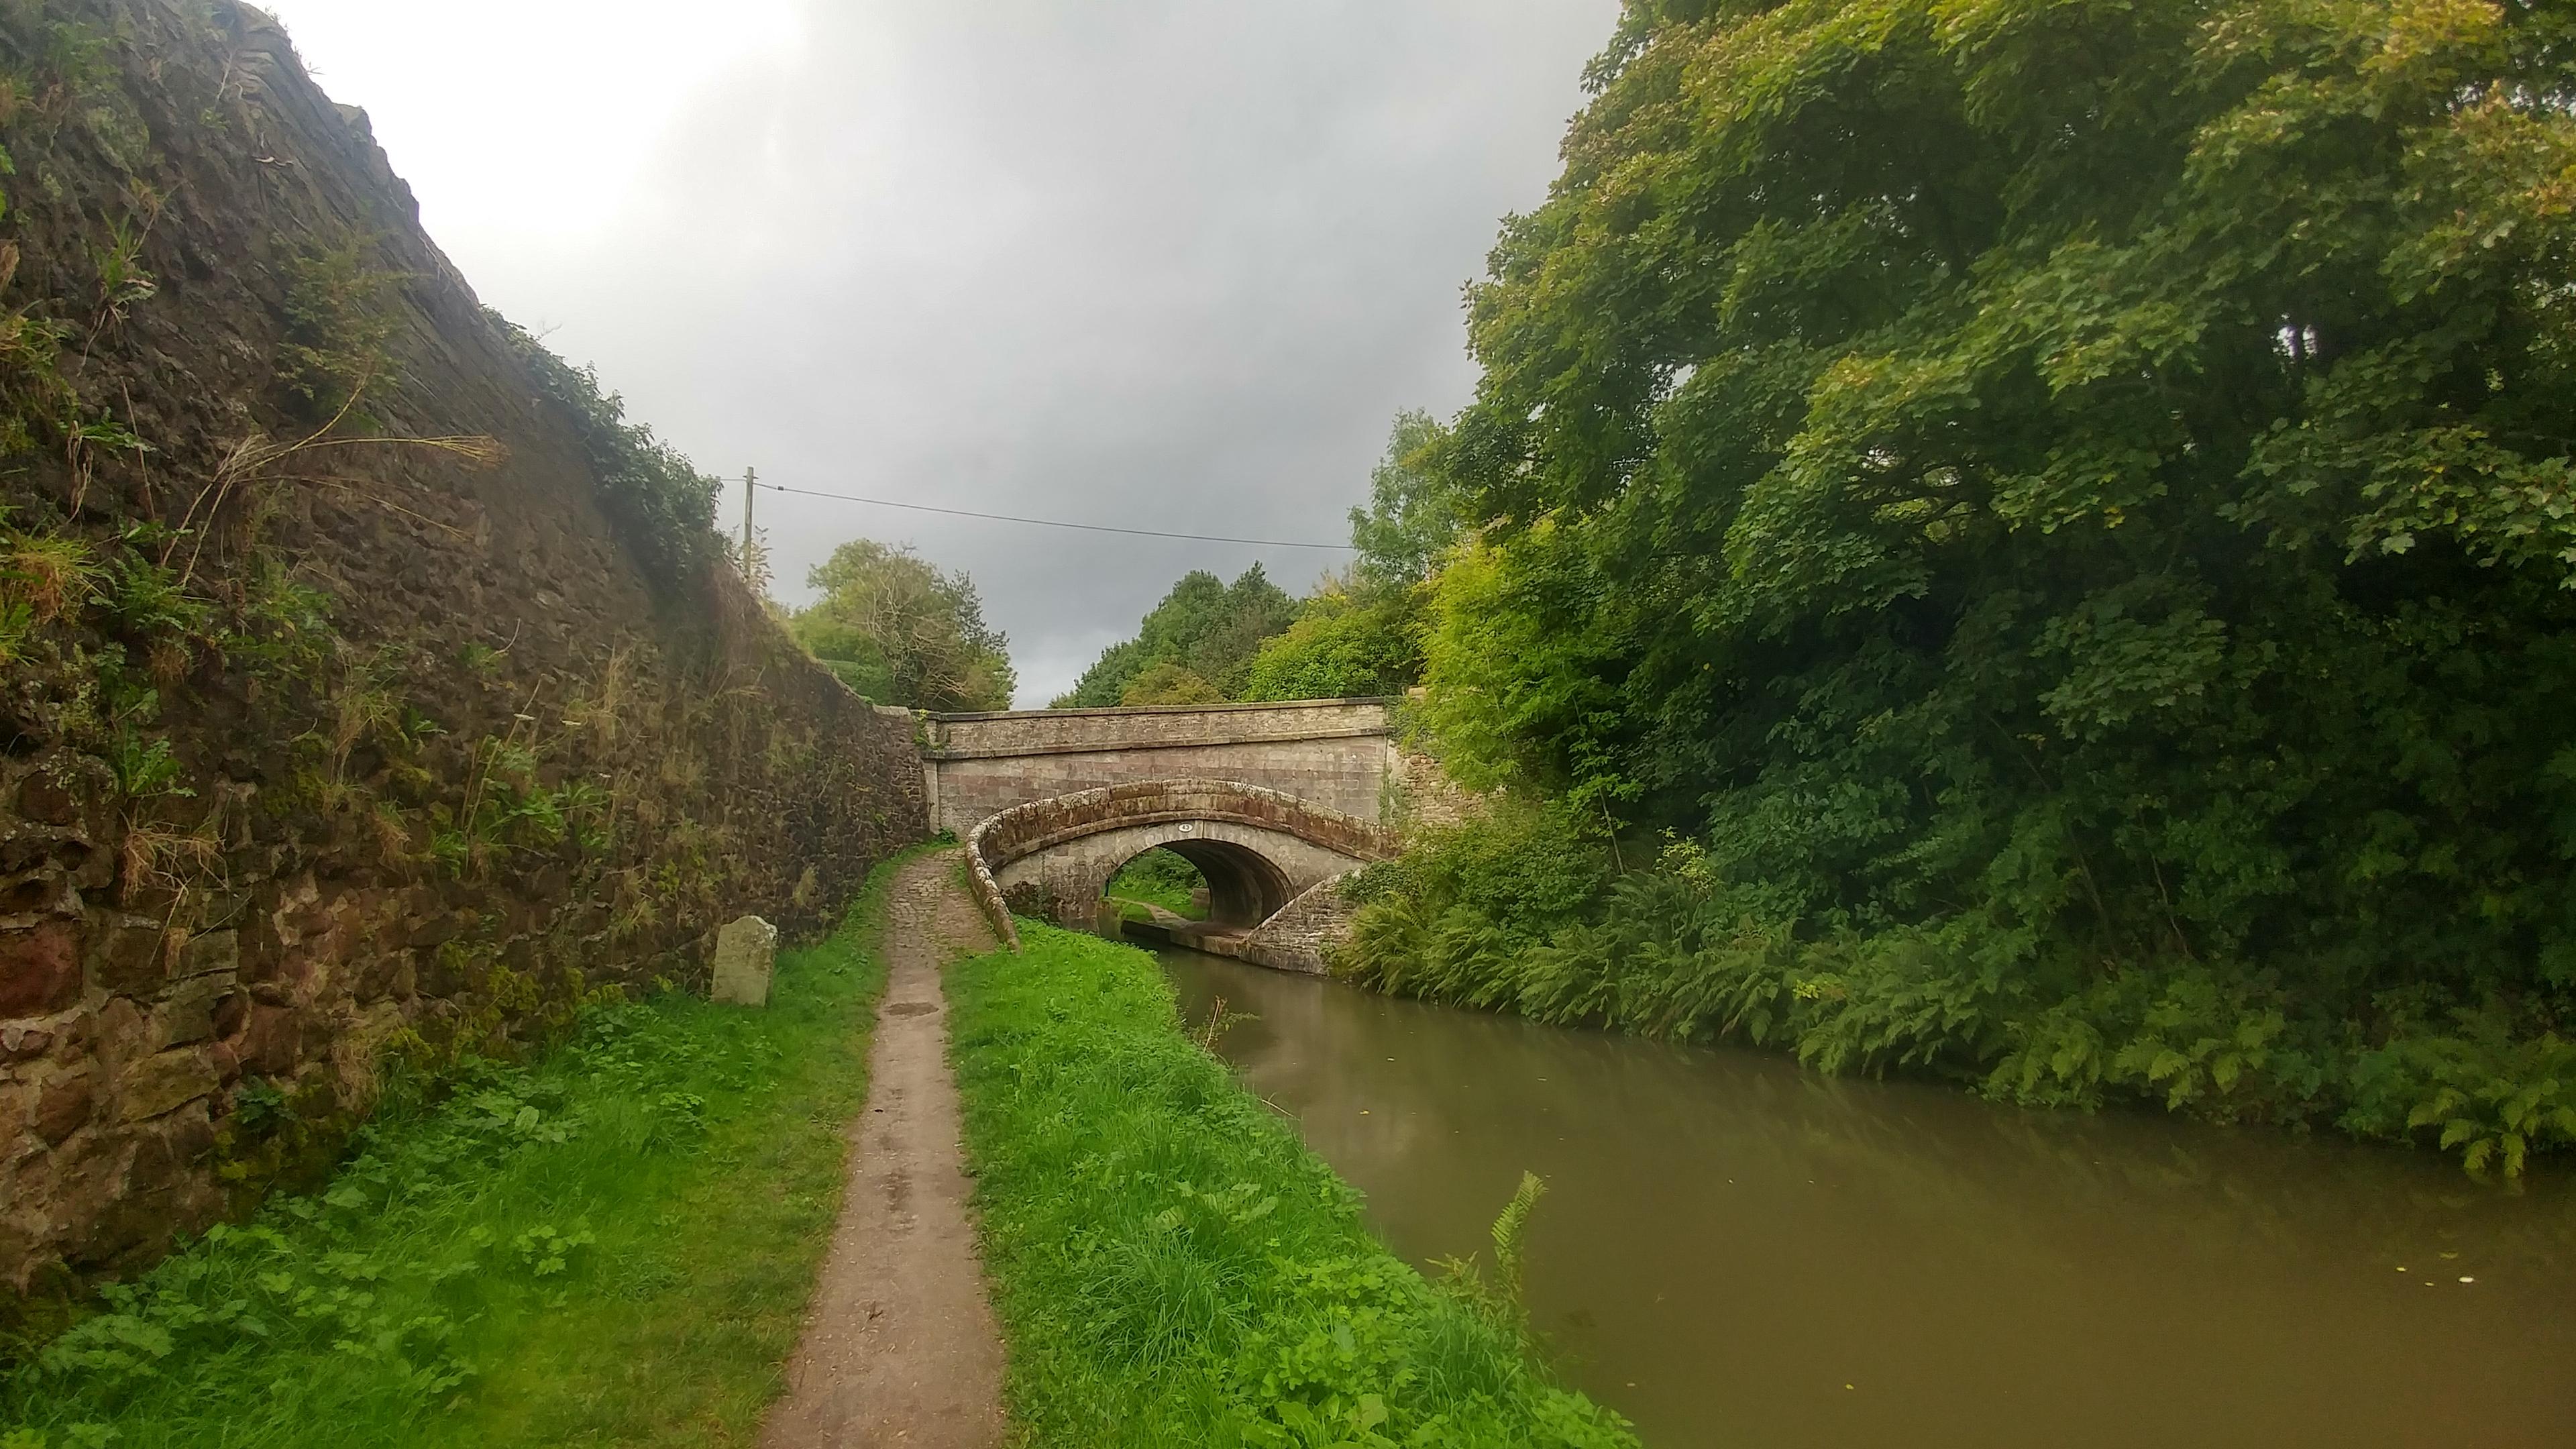 Seitch over bridge, near Sutton